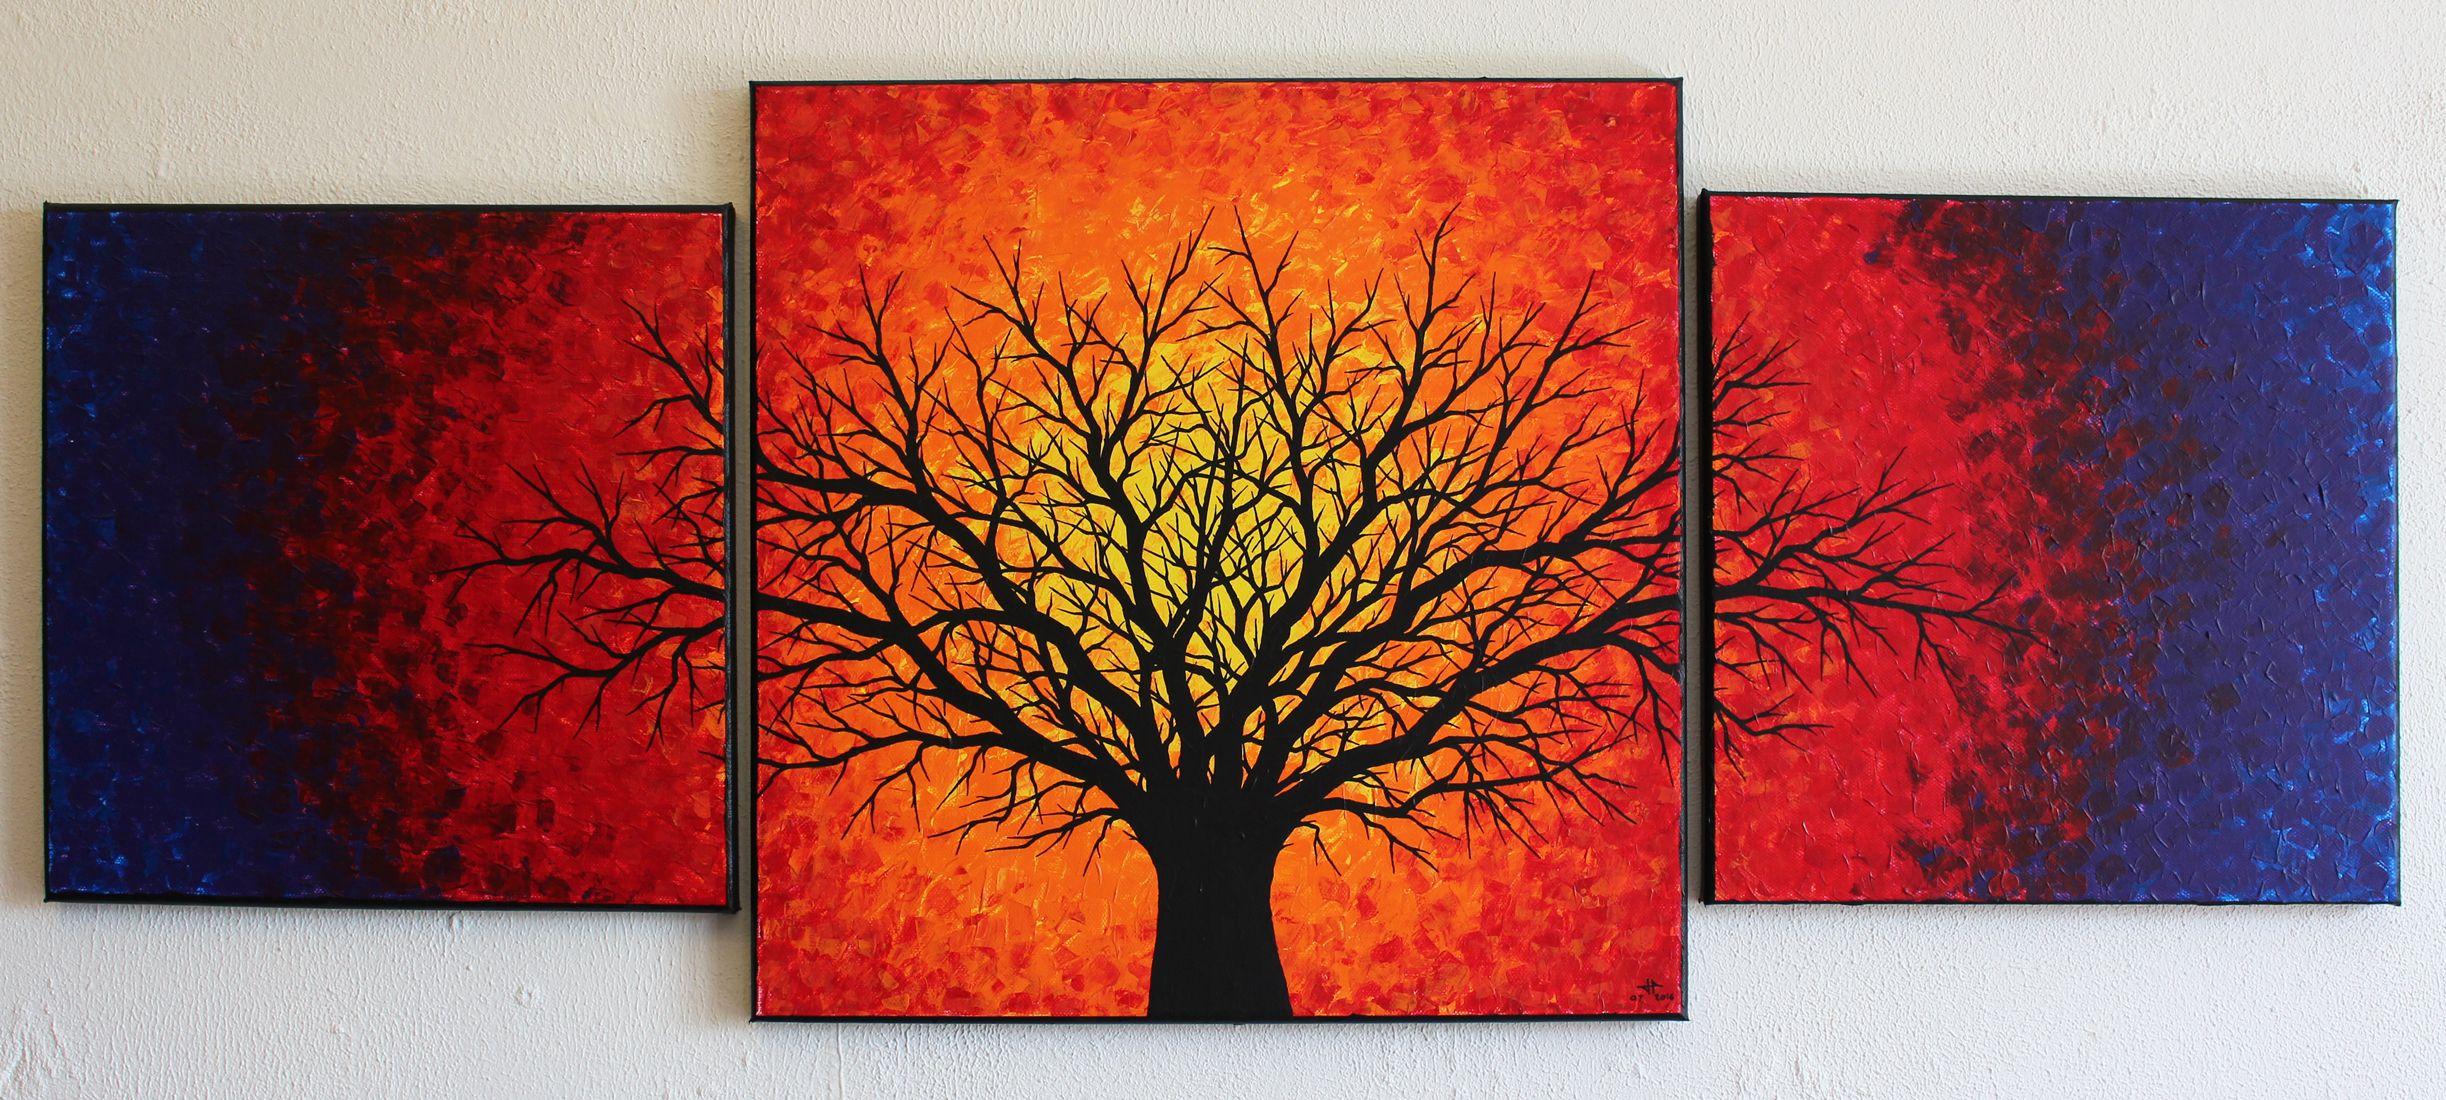 Triptyque réalisé à la peinture acrylique (Pébéo, Studio / Amsterdamer) au couteau, et au Posca (Uni / Style de peinture acrylique) sur châssis en bois entoilé en coton.  Protection : œuvre vernie à la bombe aérosol mat.  Format du triptyque : 40 cm x 102 cm x 1,8 cm. (œuvre vendue) Pour voir toutes les œuvres disponiles à la vente de  cet artiste, rendez-vous sur : http://www.jonathan-pradillon.com #arbre #noir #triptyque #tableau #contemporain #peinture #design #moderne #art #figuratif